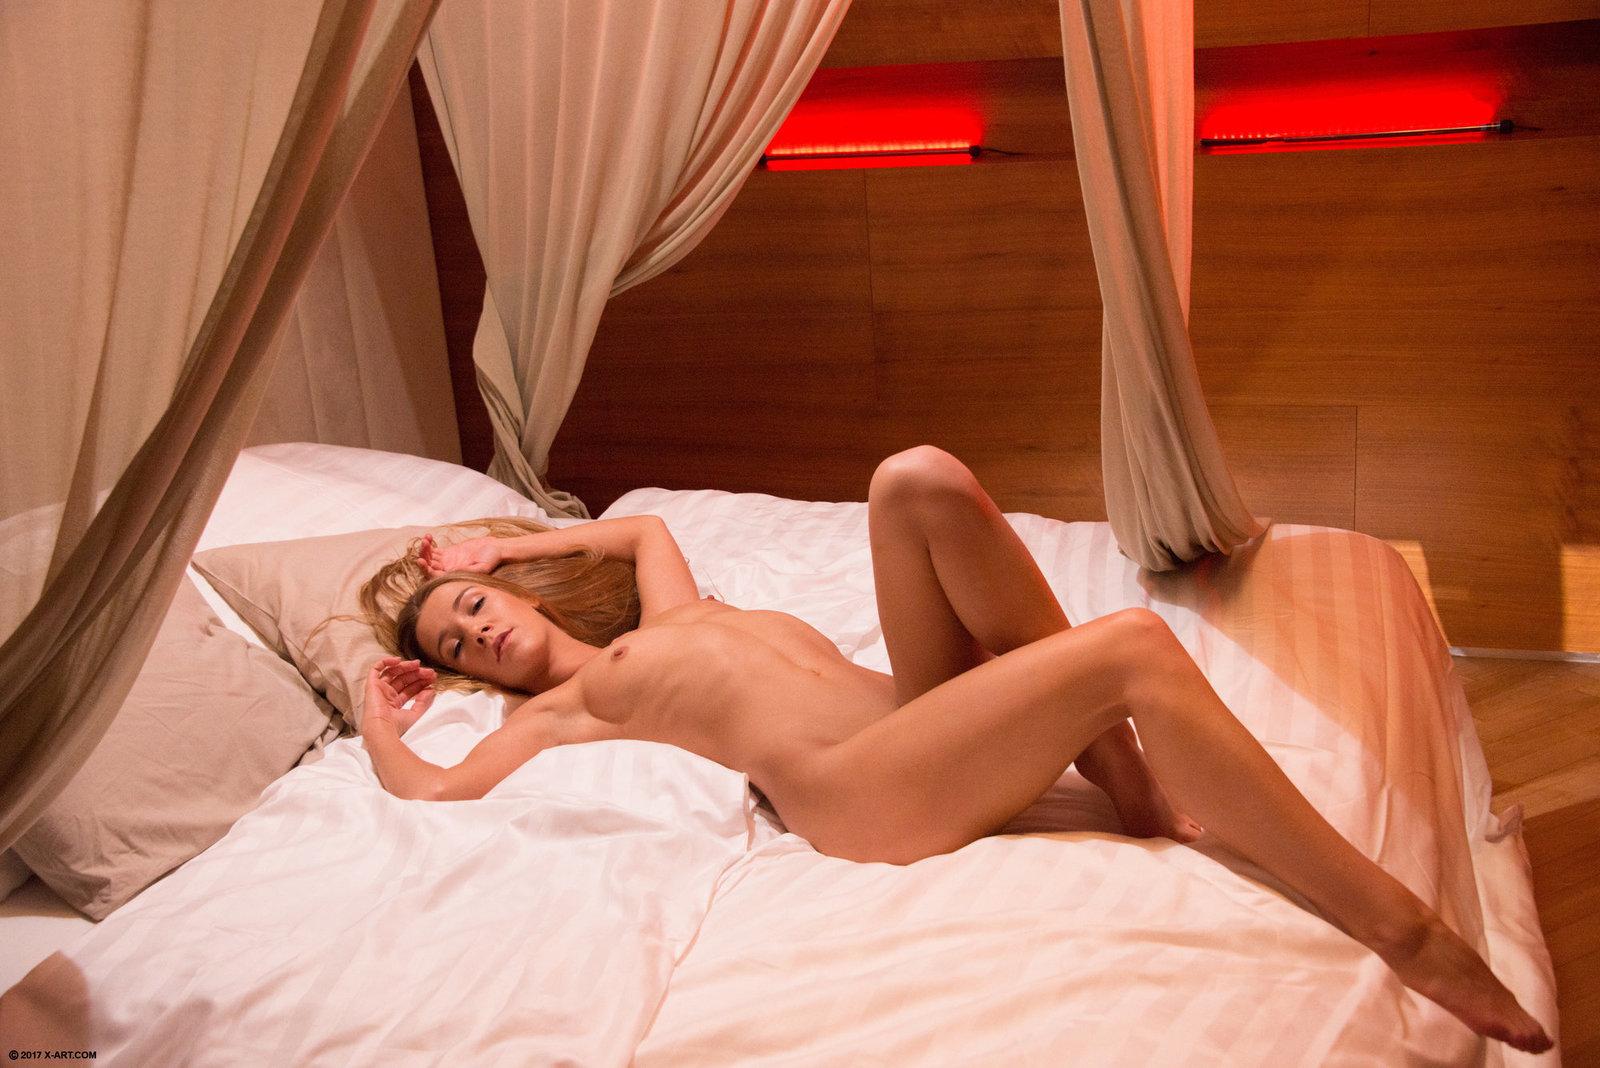 Zdjęcie porno - 072 - Płaska laska na łóżku